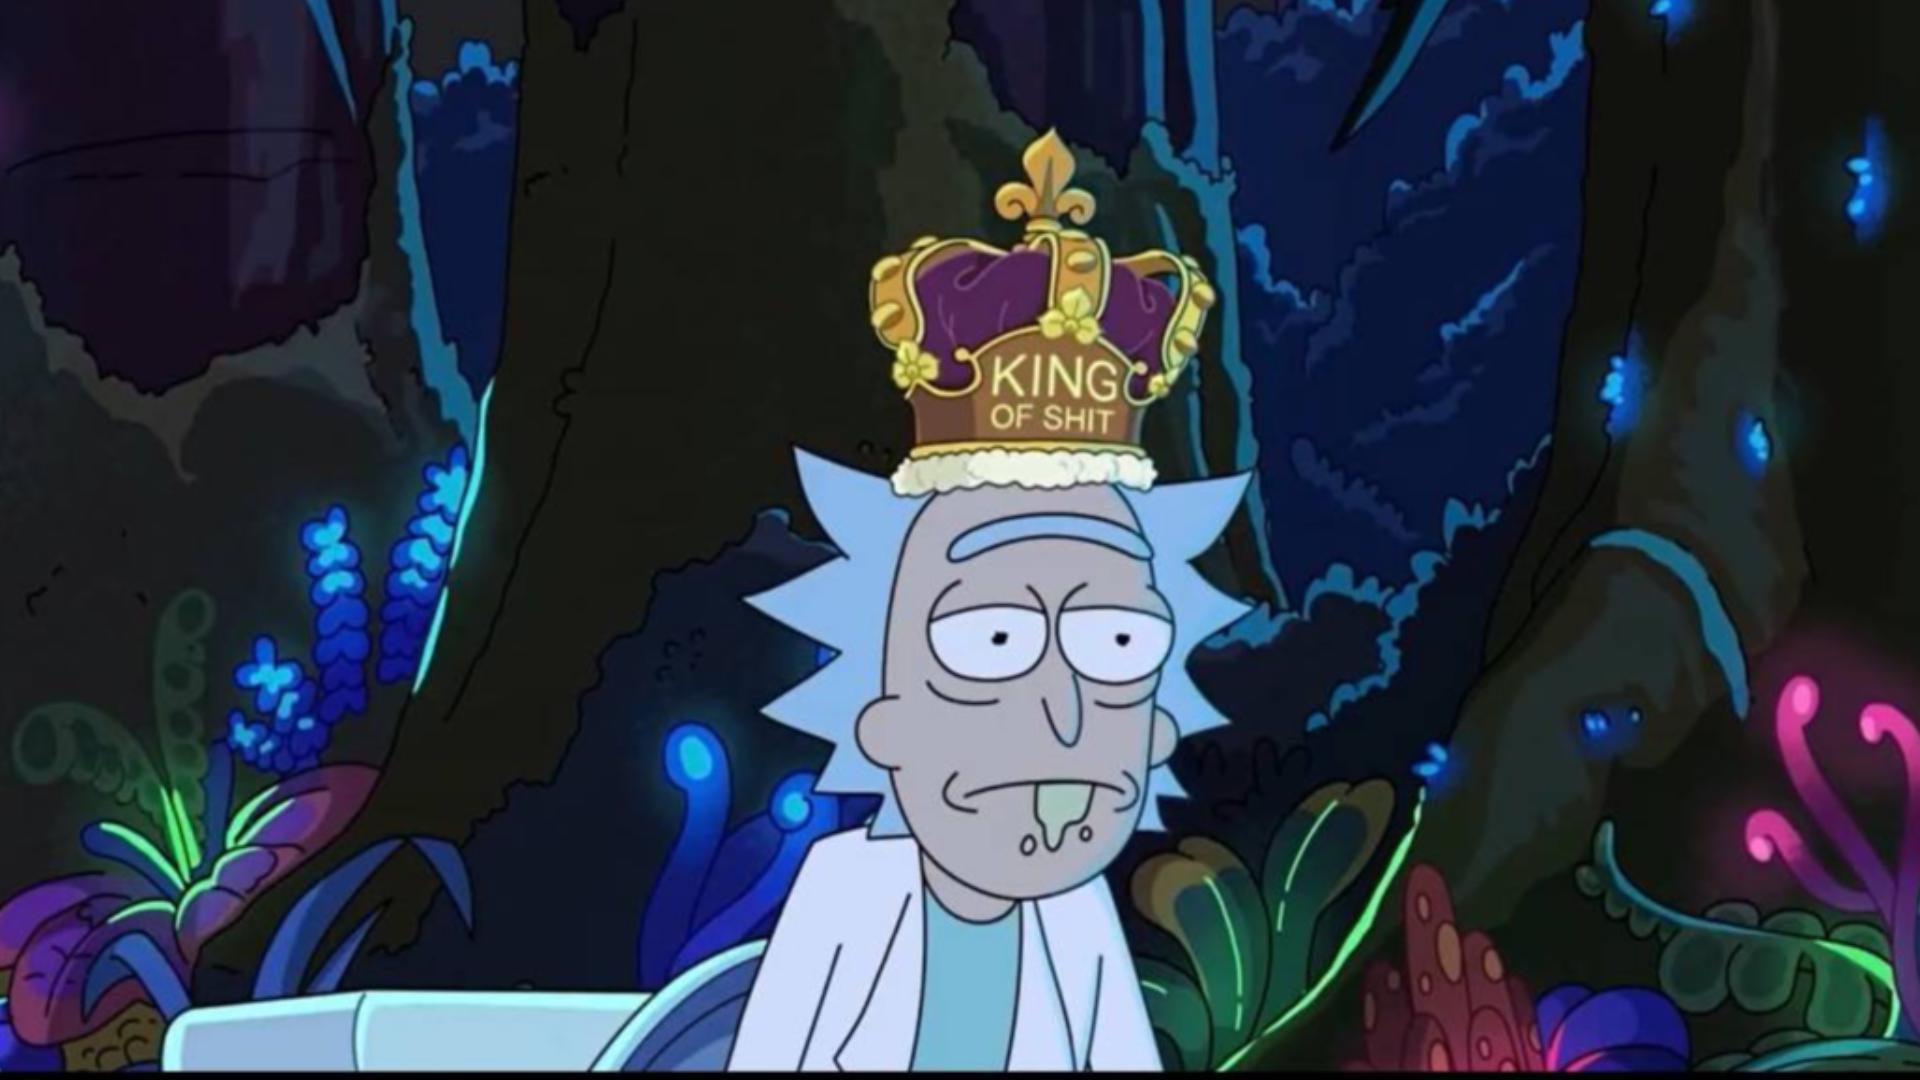 【瑞克和莫蒂】我带着荆棘之冠,坐在骗子的王座上